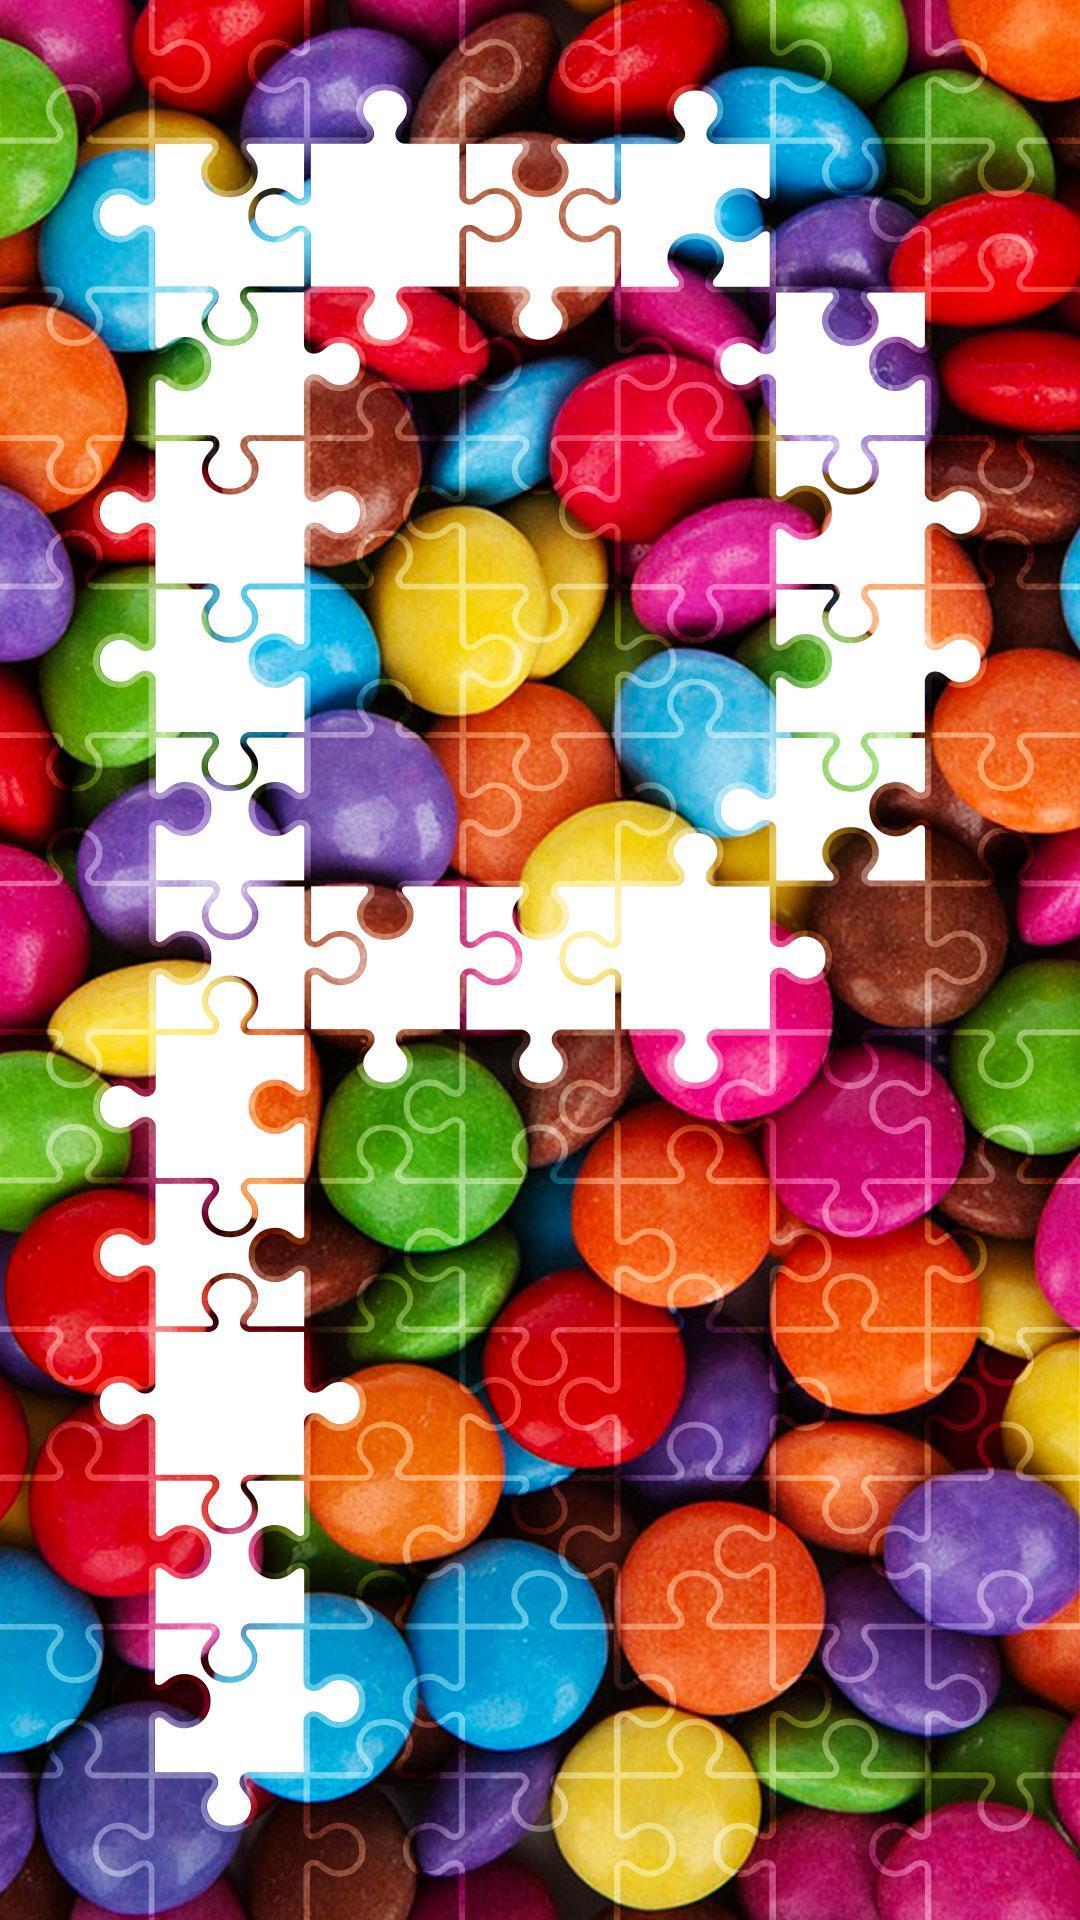 Puzzles Gratuits Pour Android - Téléchargez L'apk concernant Puzzle Gratuit A Telecharger Pour Tablette